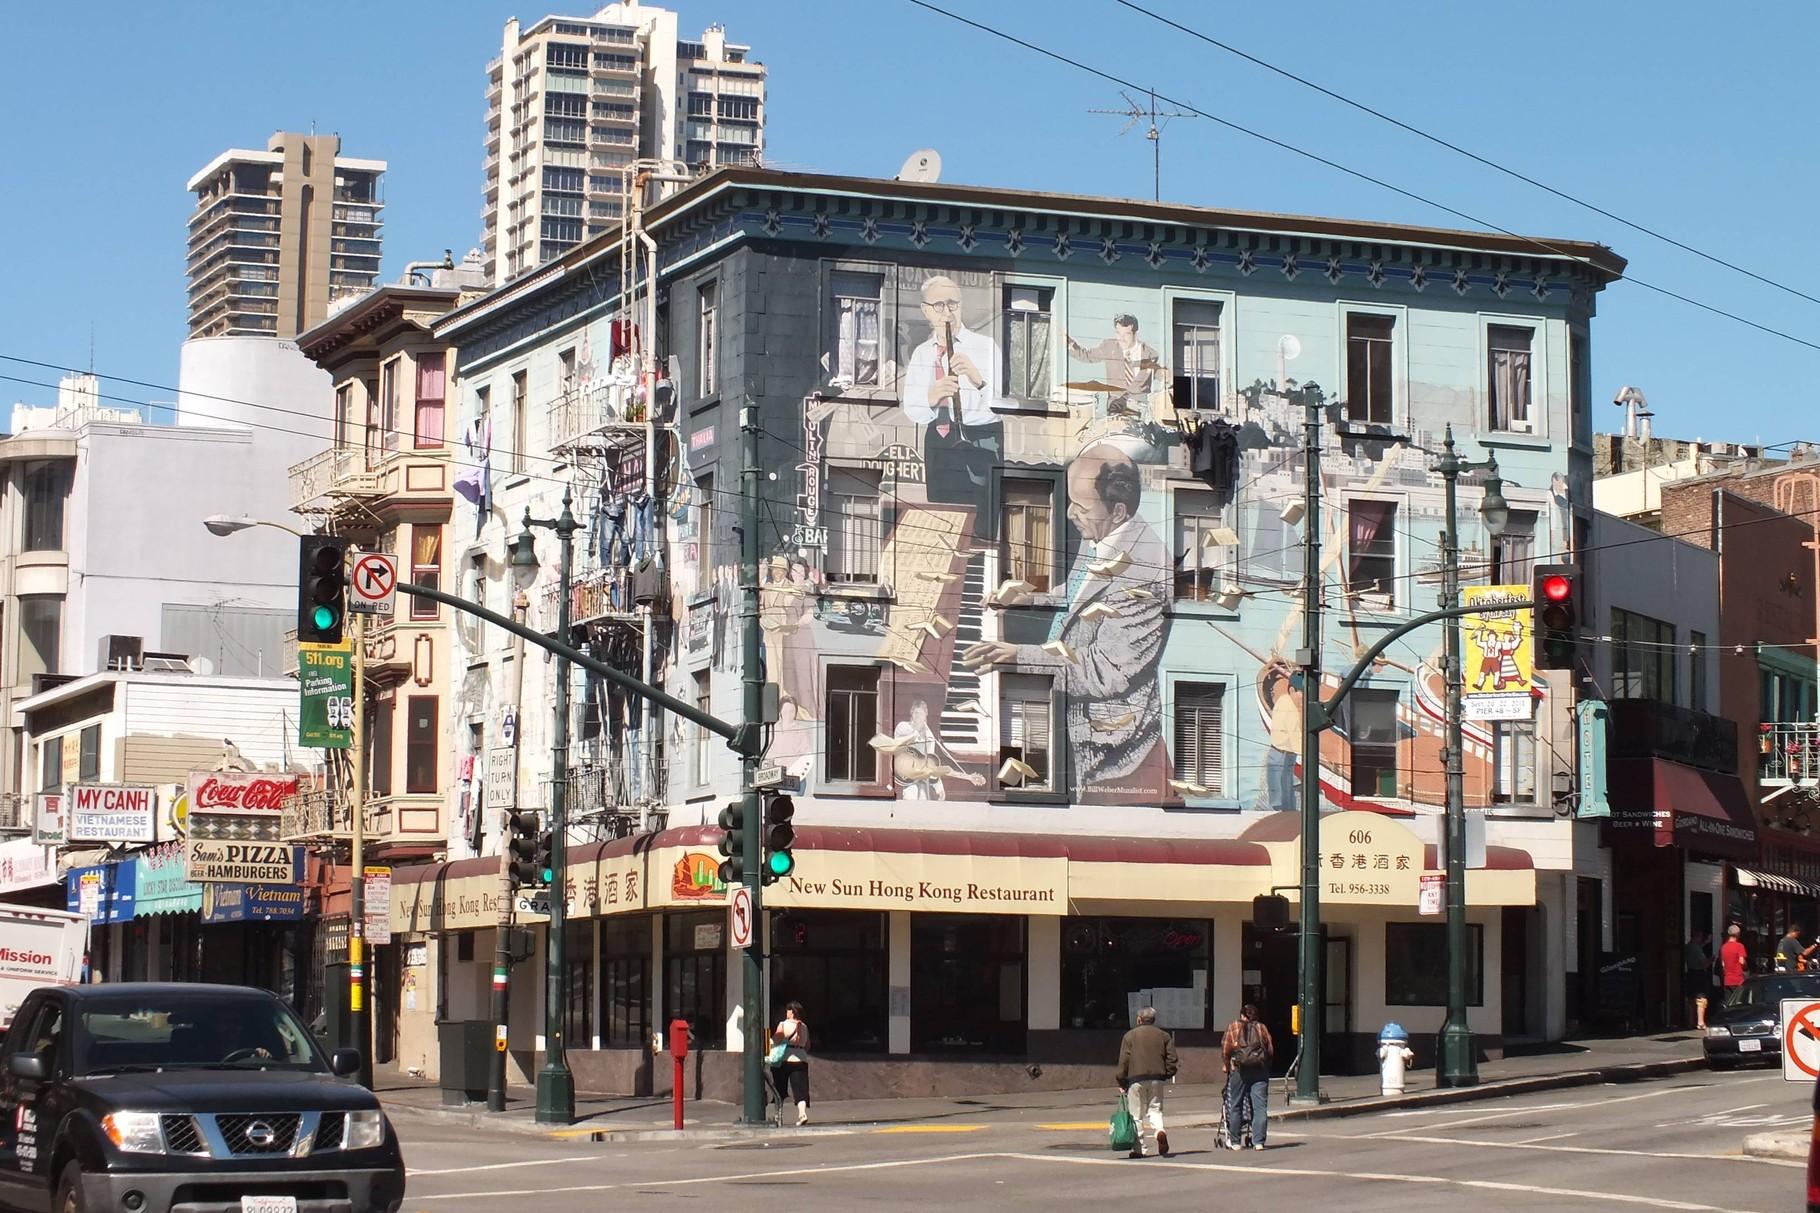 San Francisco - Hausbemalung als Totale